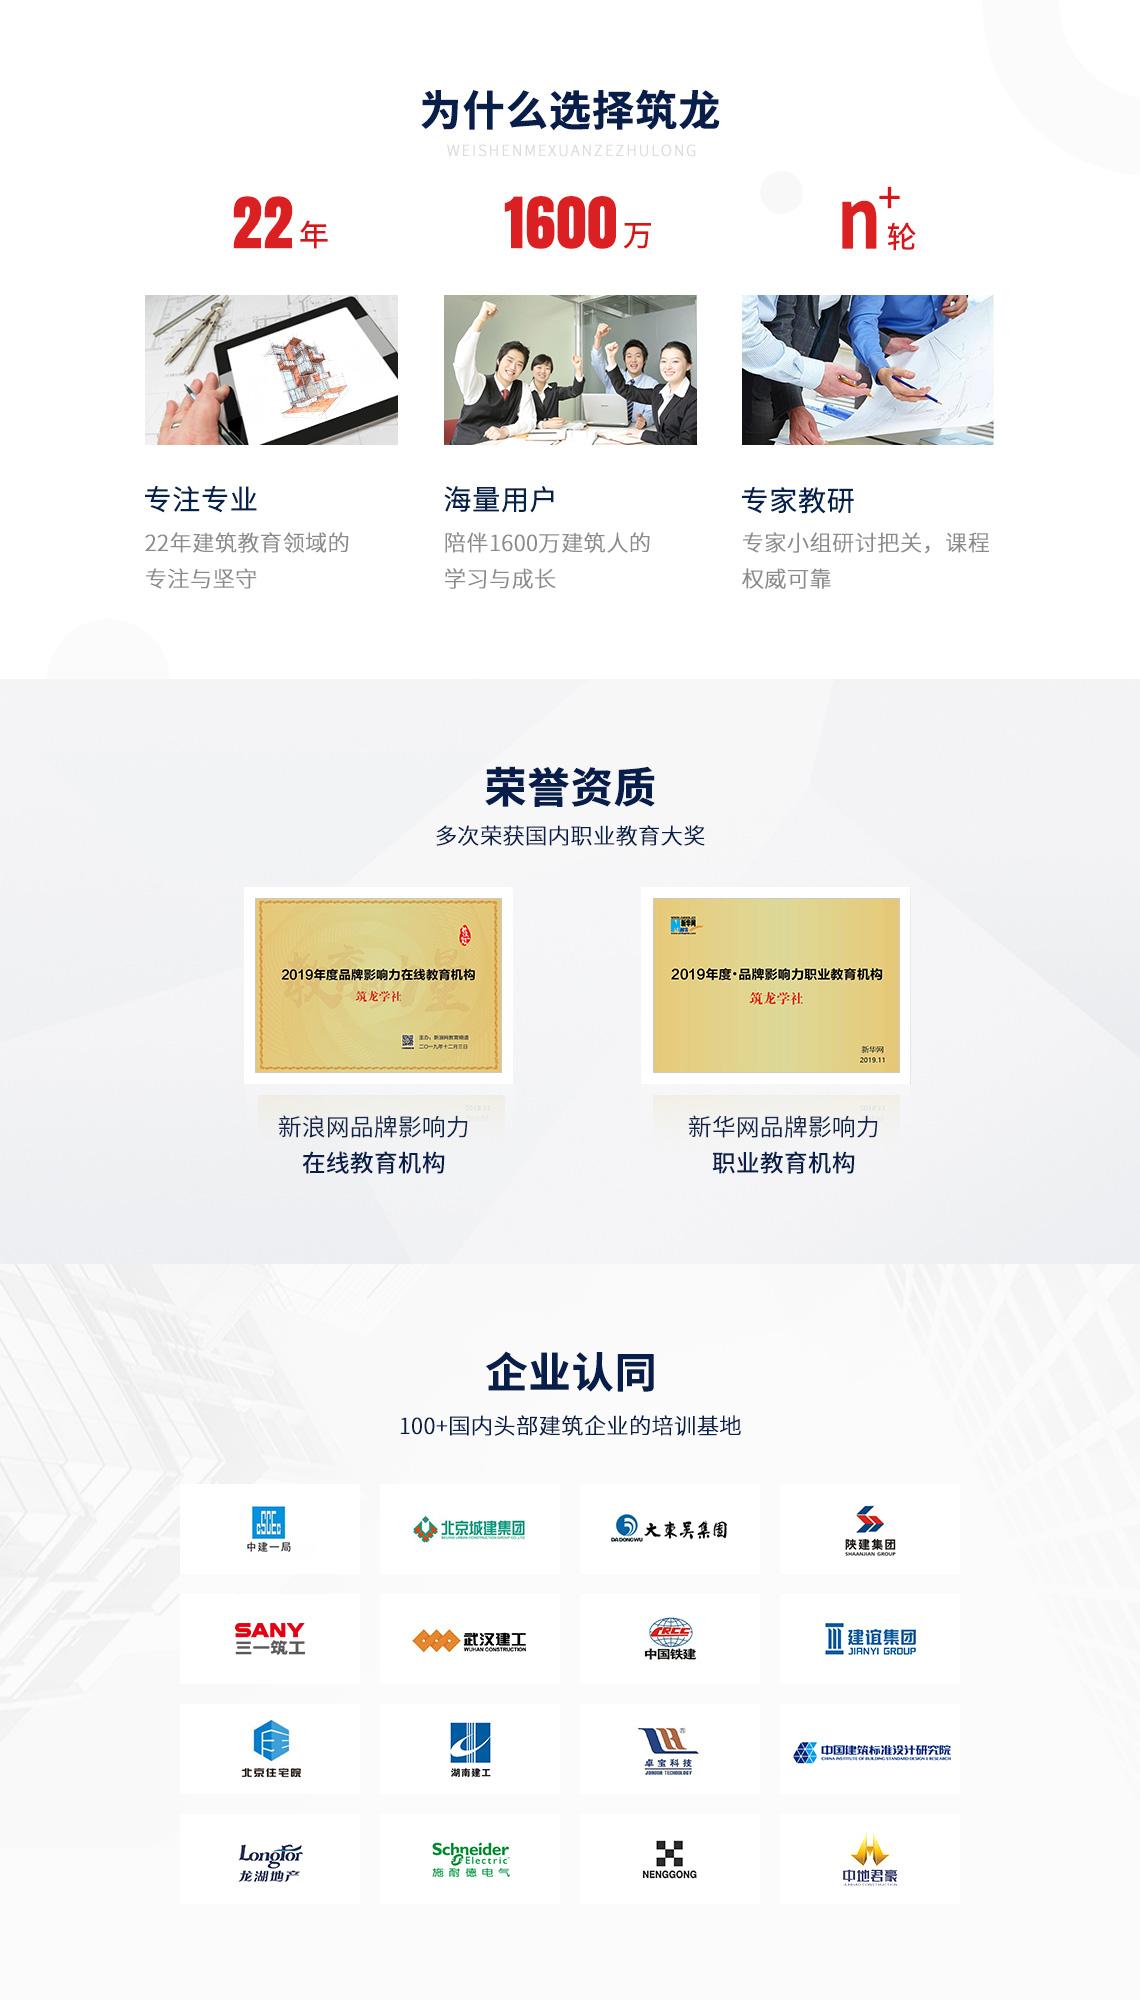 公司新版信任页  seo关键字:室内空间设计,室内全案设计,室内空间布局